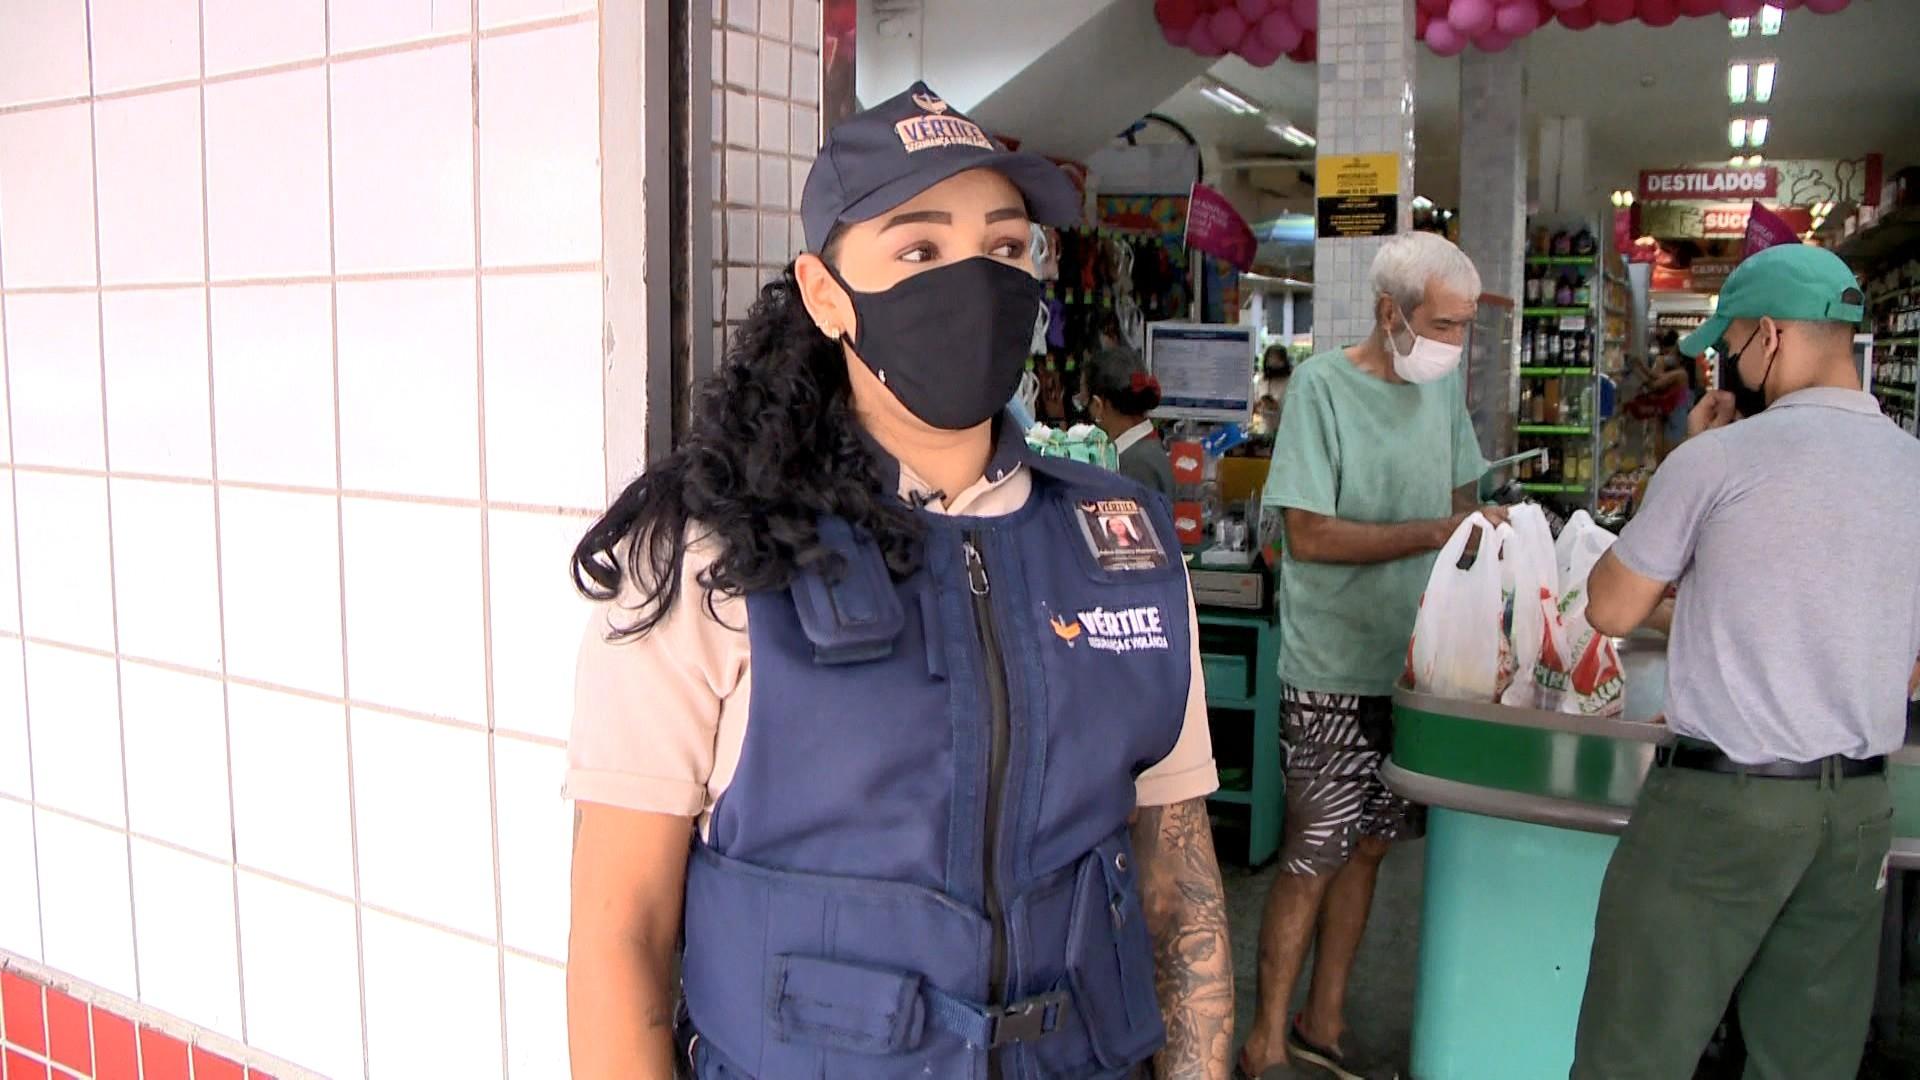 'Impulso que tive foi só de pegar ela', diz vigilante filmada salvando menina de atropelamento